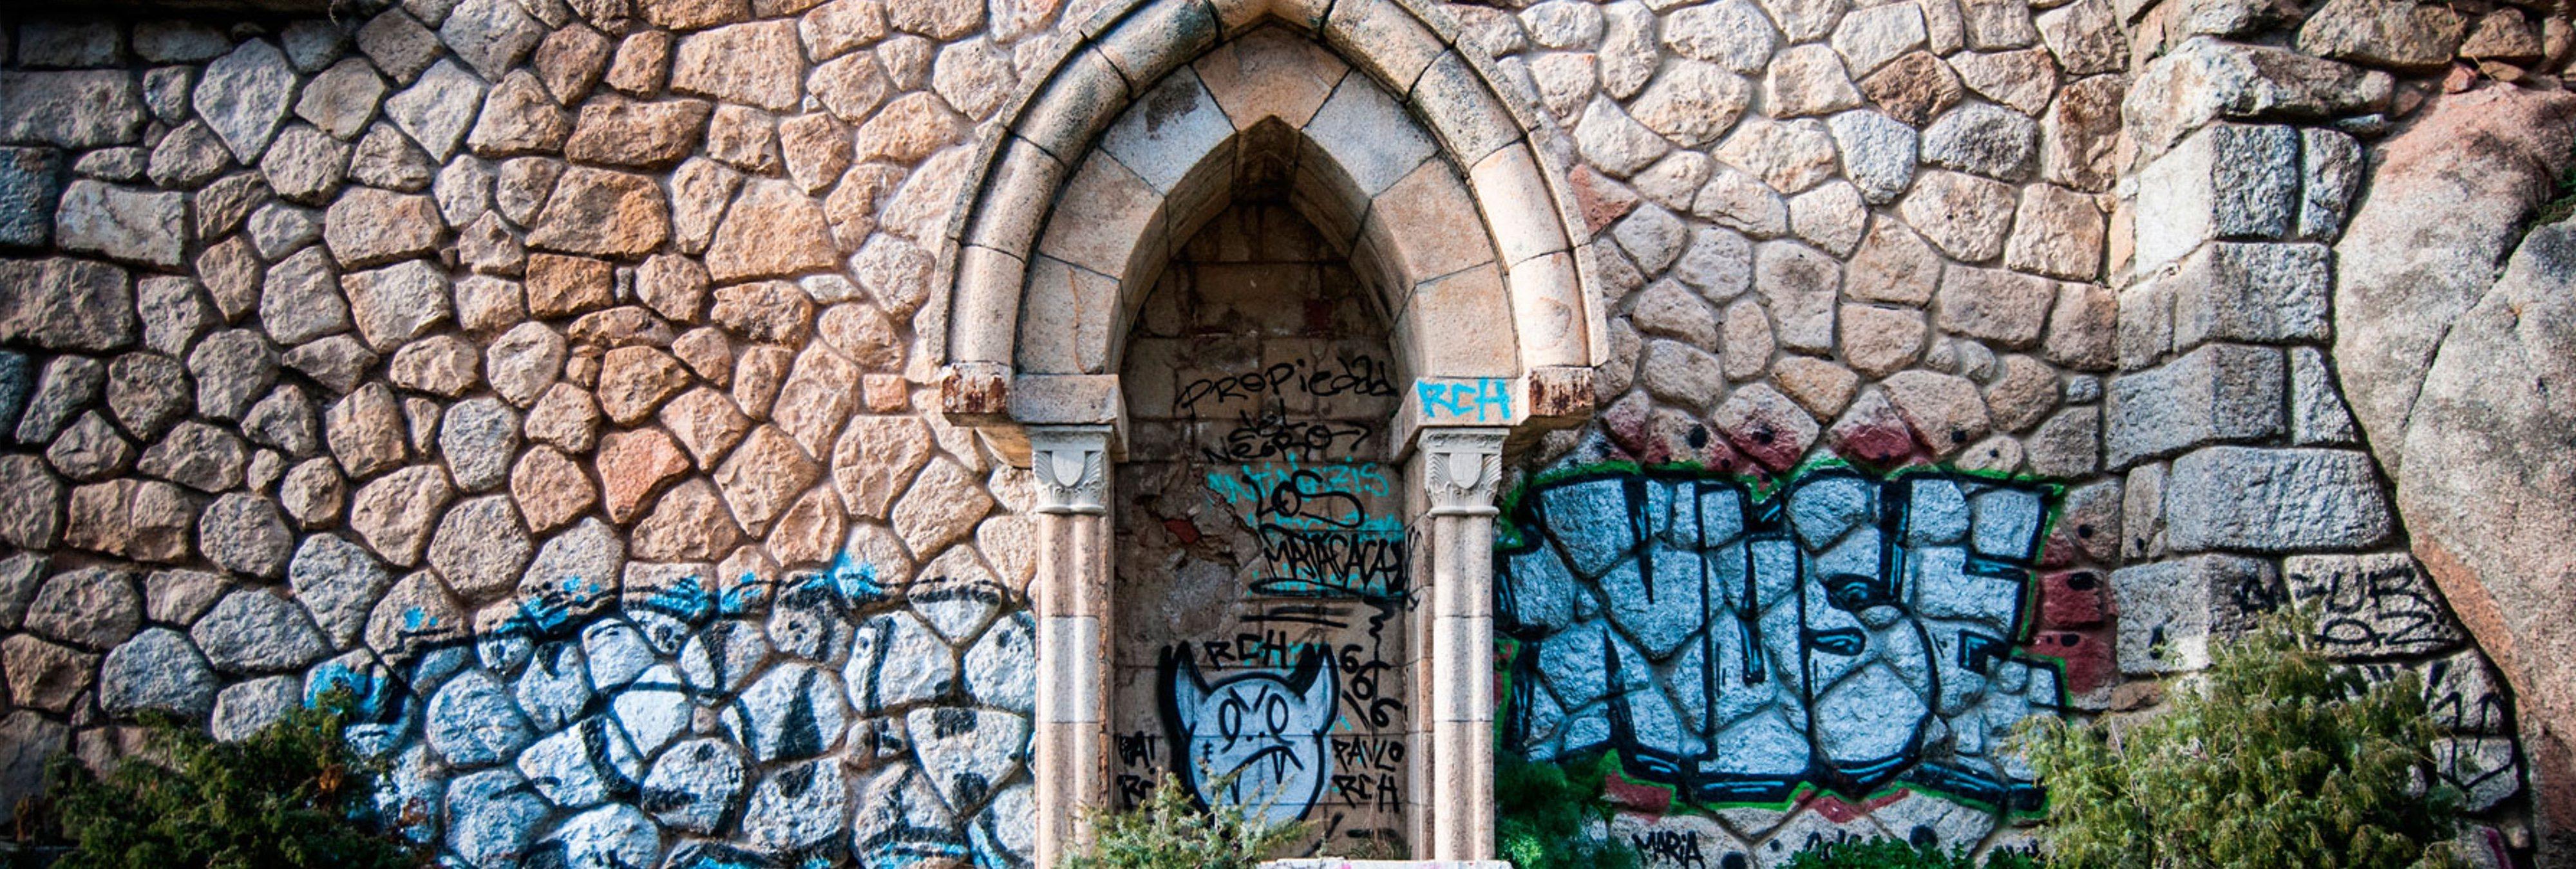 El Gobierno madrileño multará al dueño de la casa de recreo de Franco por su mal estado